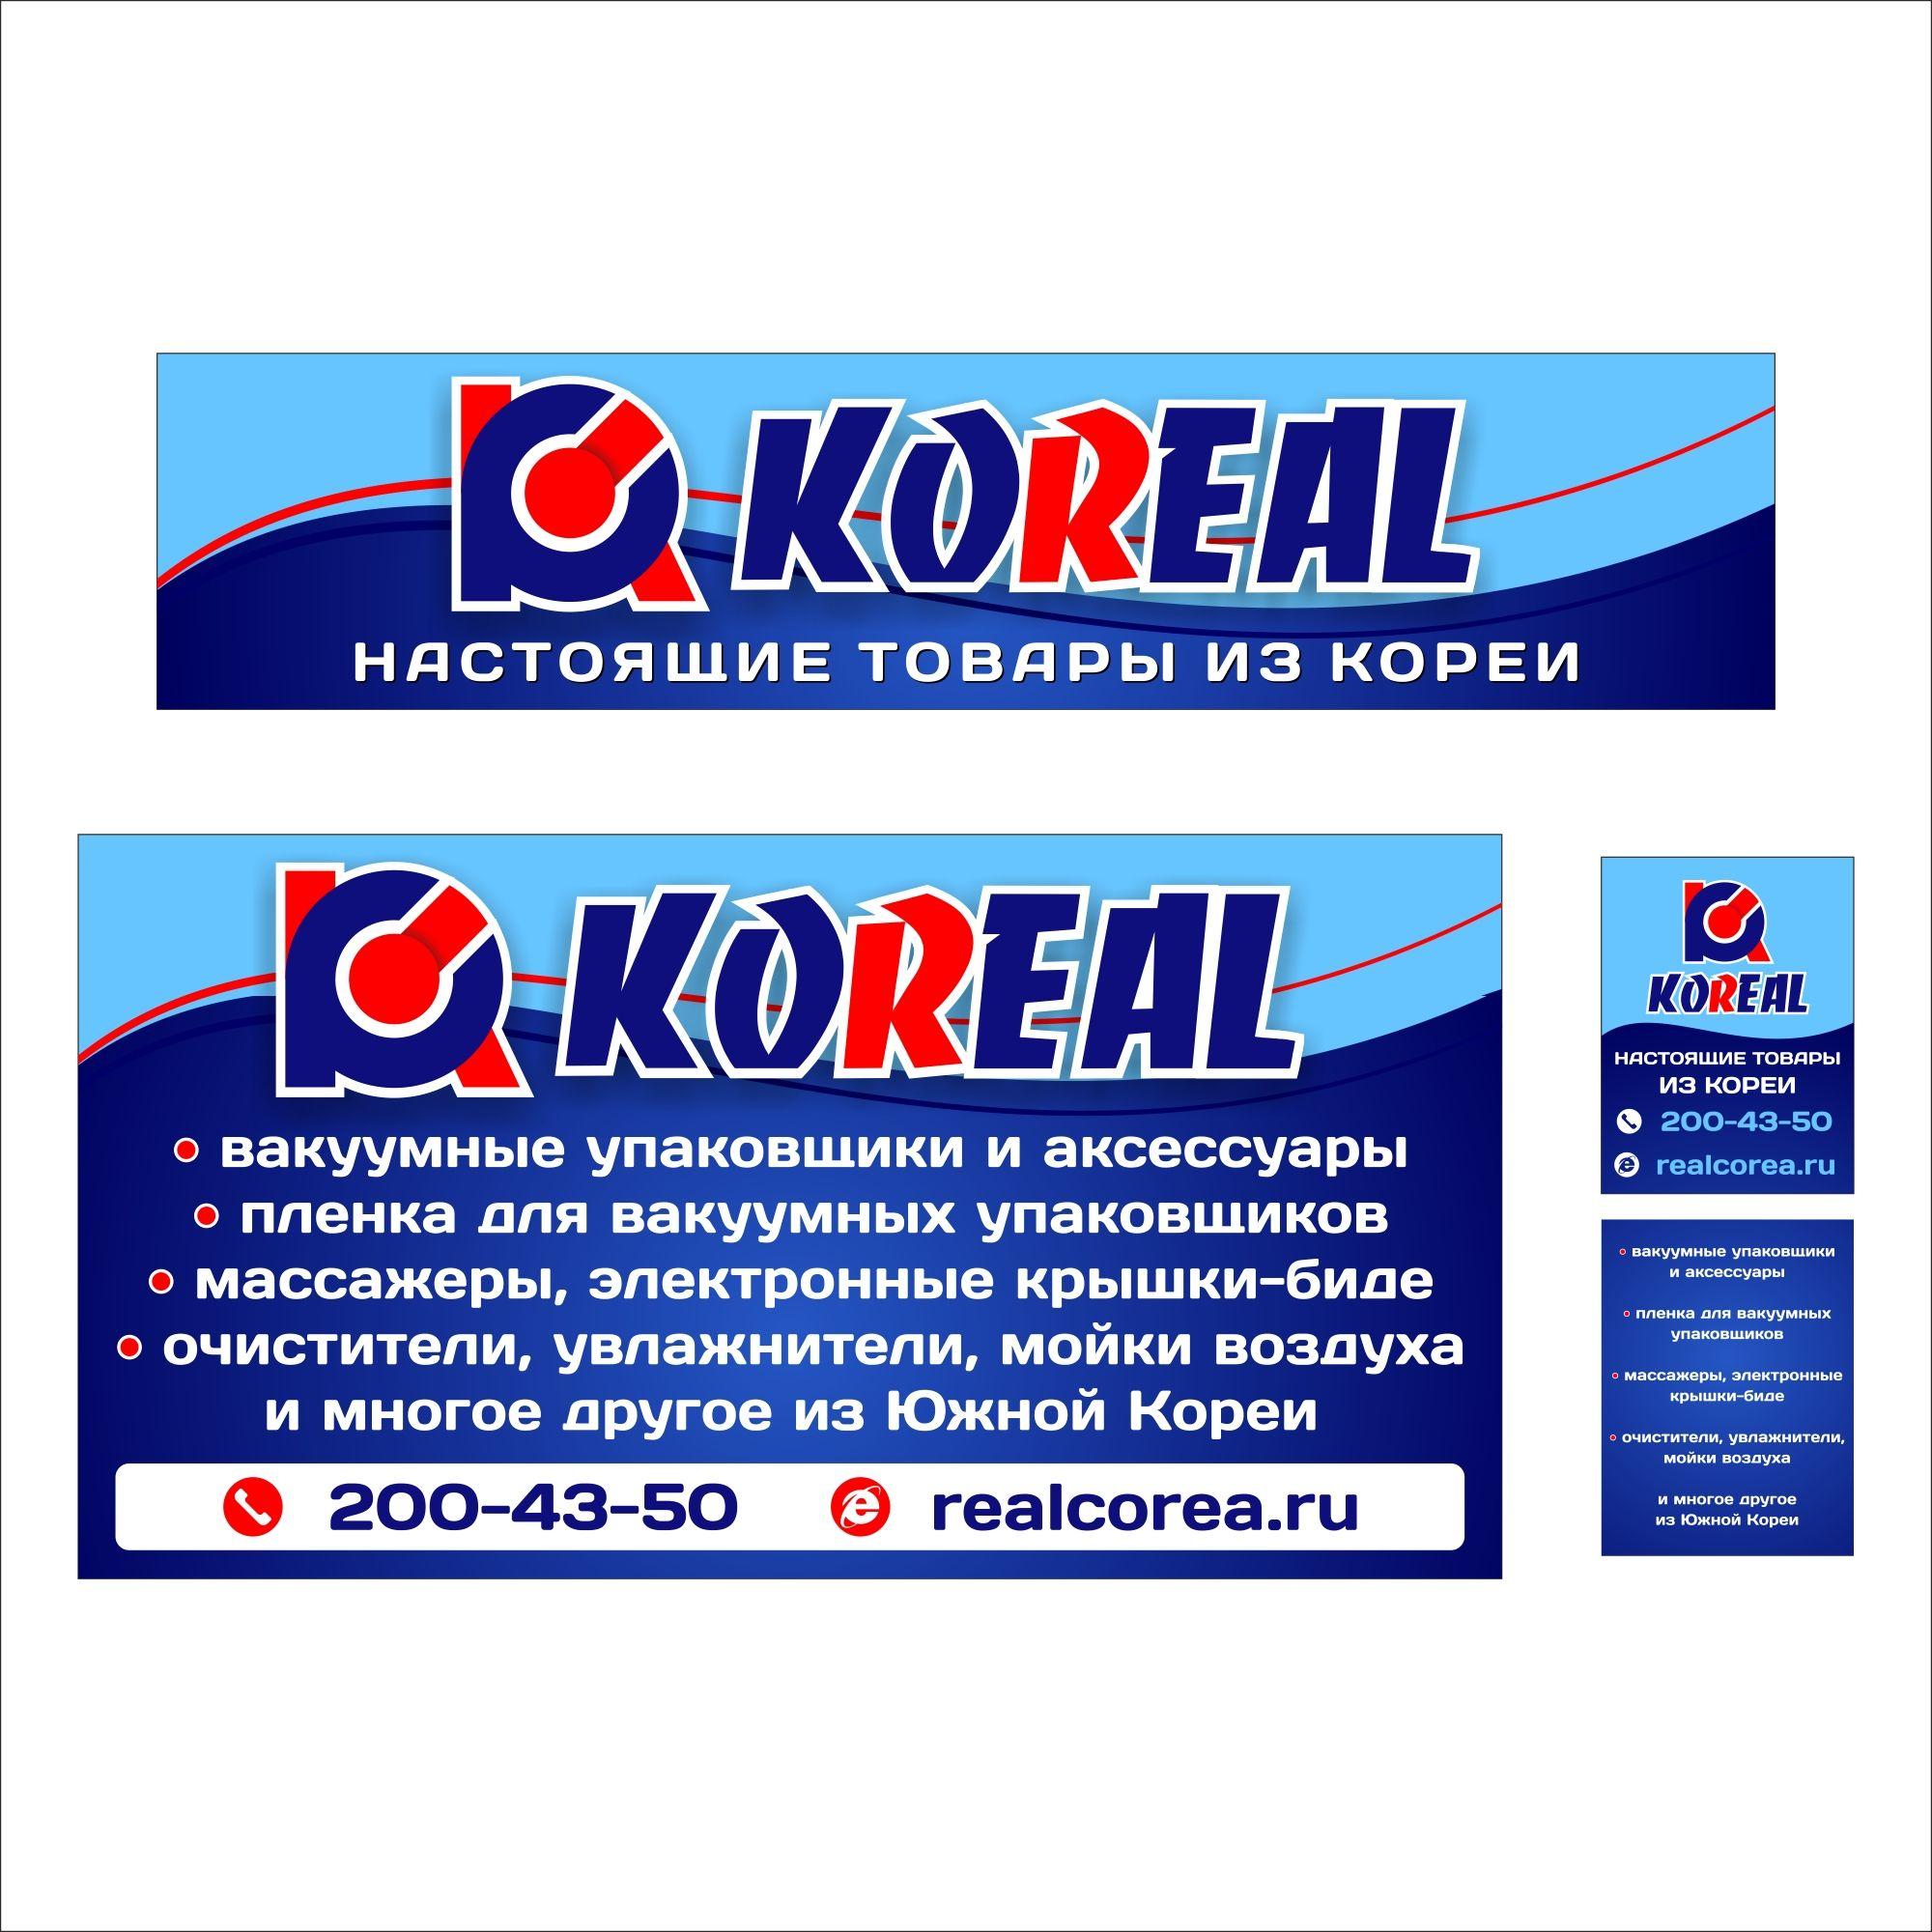 Вывеска и наружное оформление сети магазинов - дизайнер rudakov3000